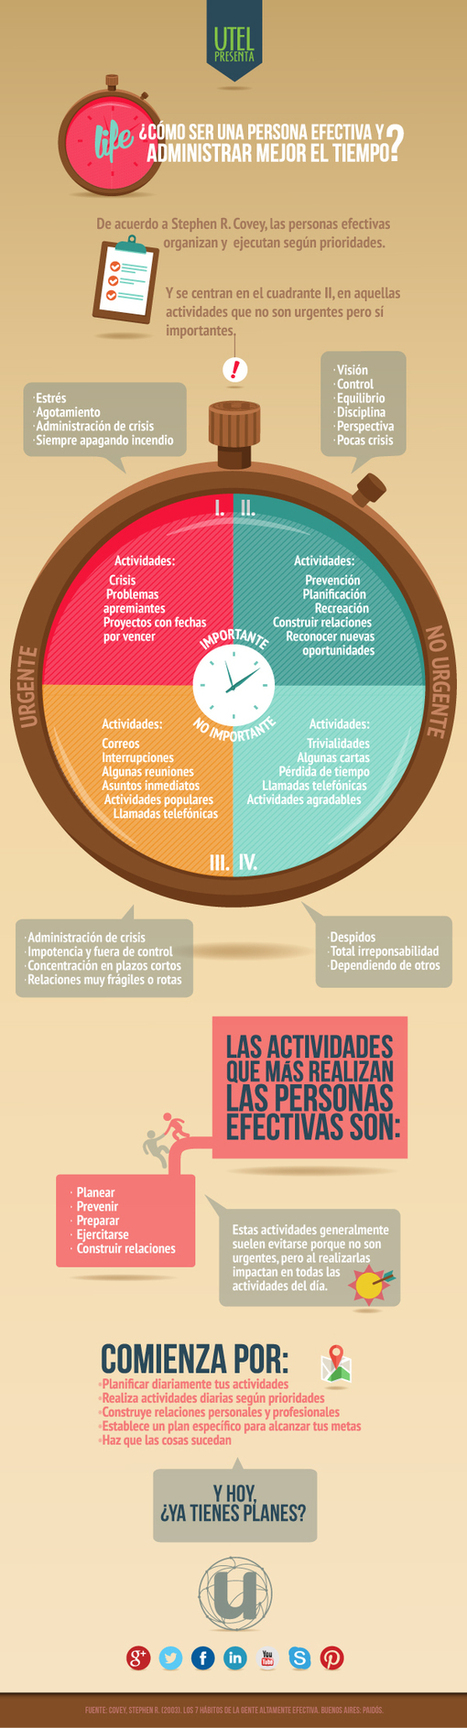 Gestiona bien el tiempo para ser más efectivo #infografia #infographic #productividad | turismo activo | Scoop.it